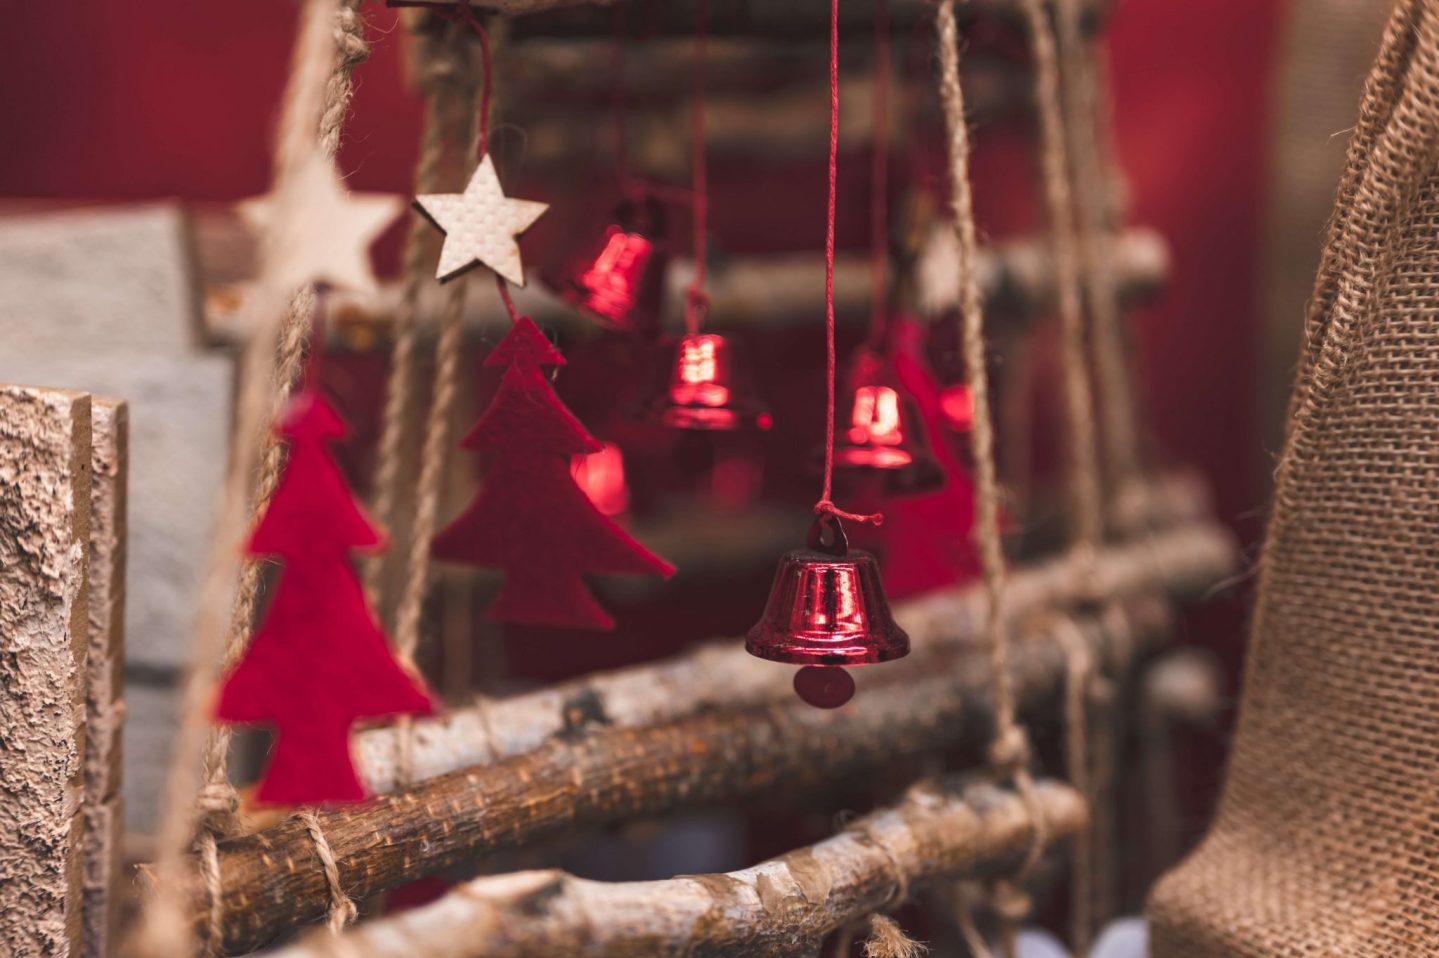 Où trouver des cadeaux de Noël écologiques et originaux